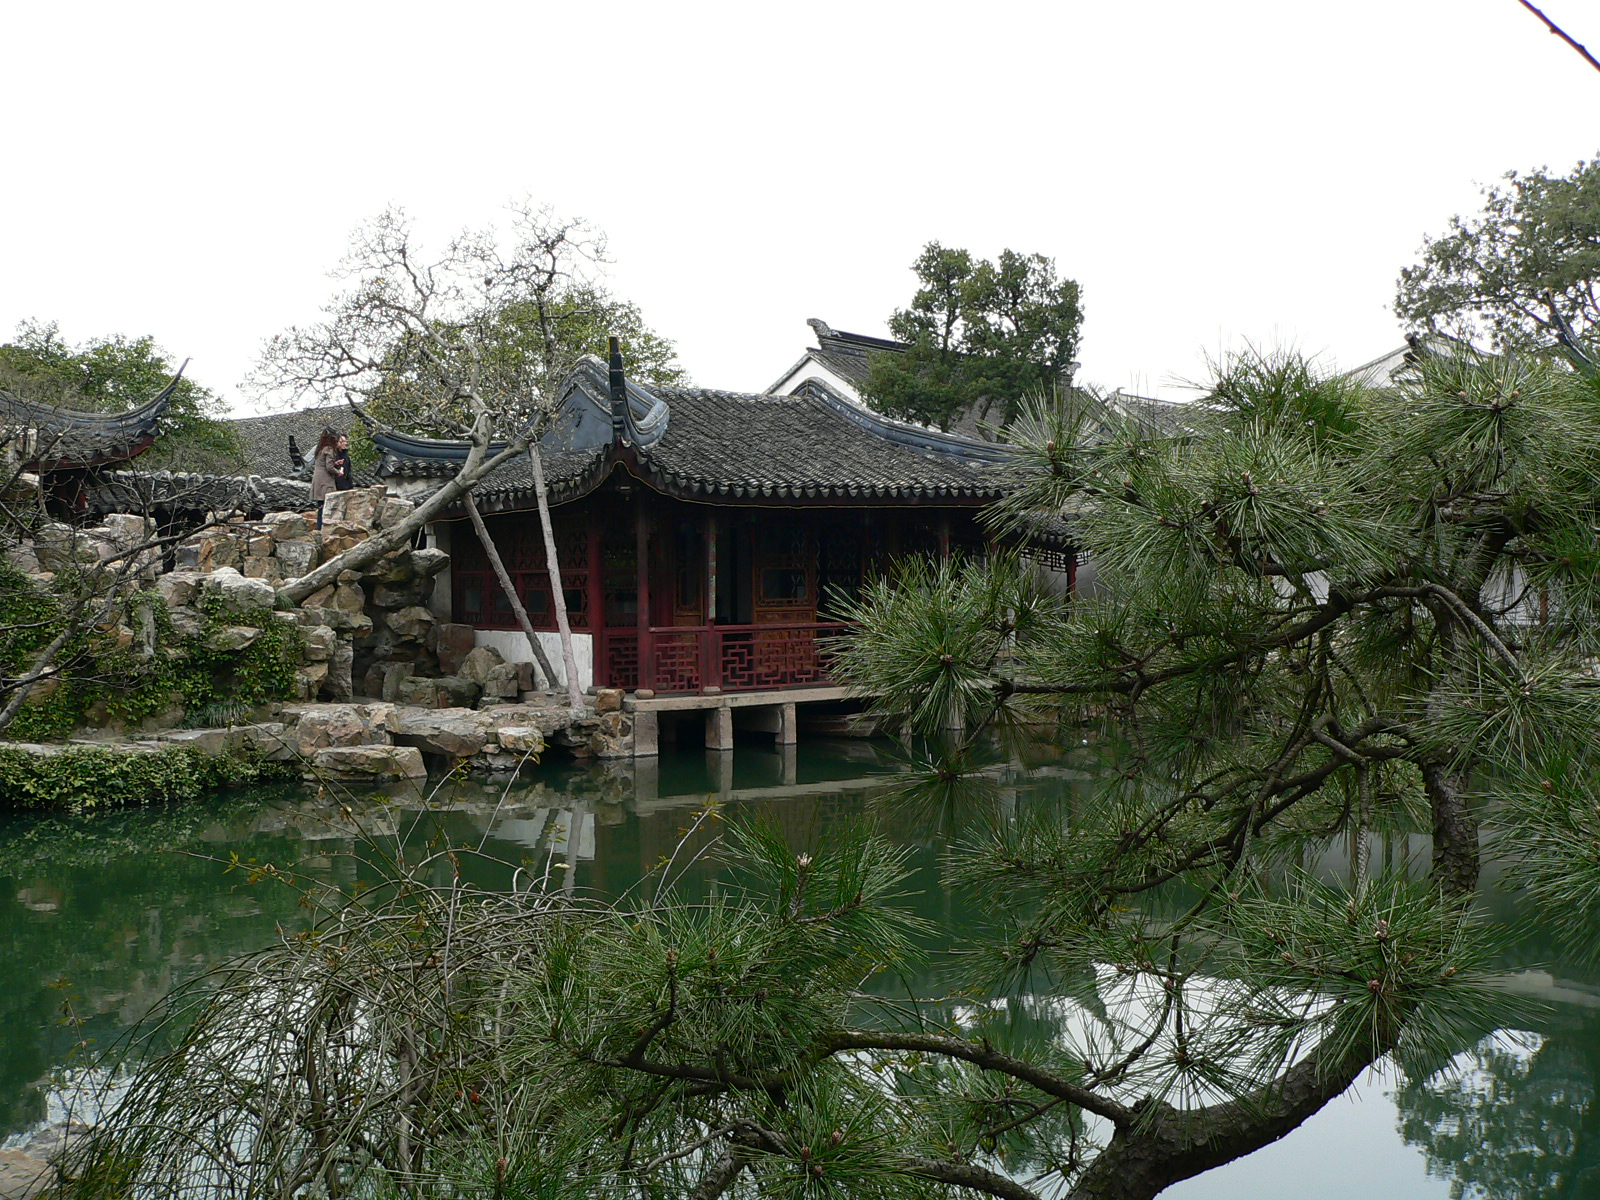 chine intense et de l 39 extr me suzhou une ville de la province du jiangsu situ e une. Black Bedroom Furniture Sets. Home Design Ideas